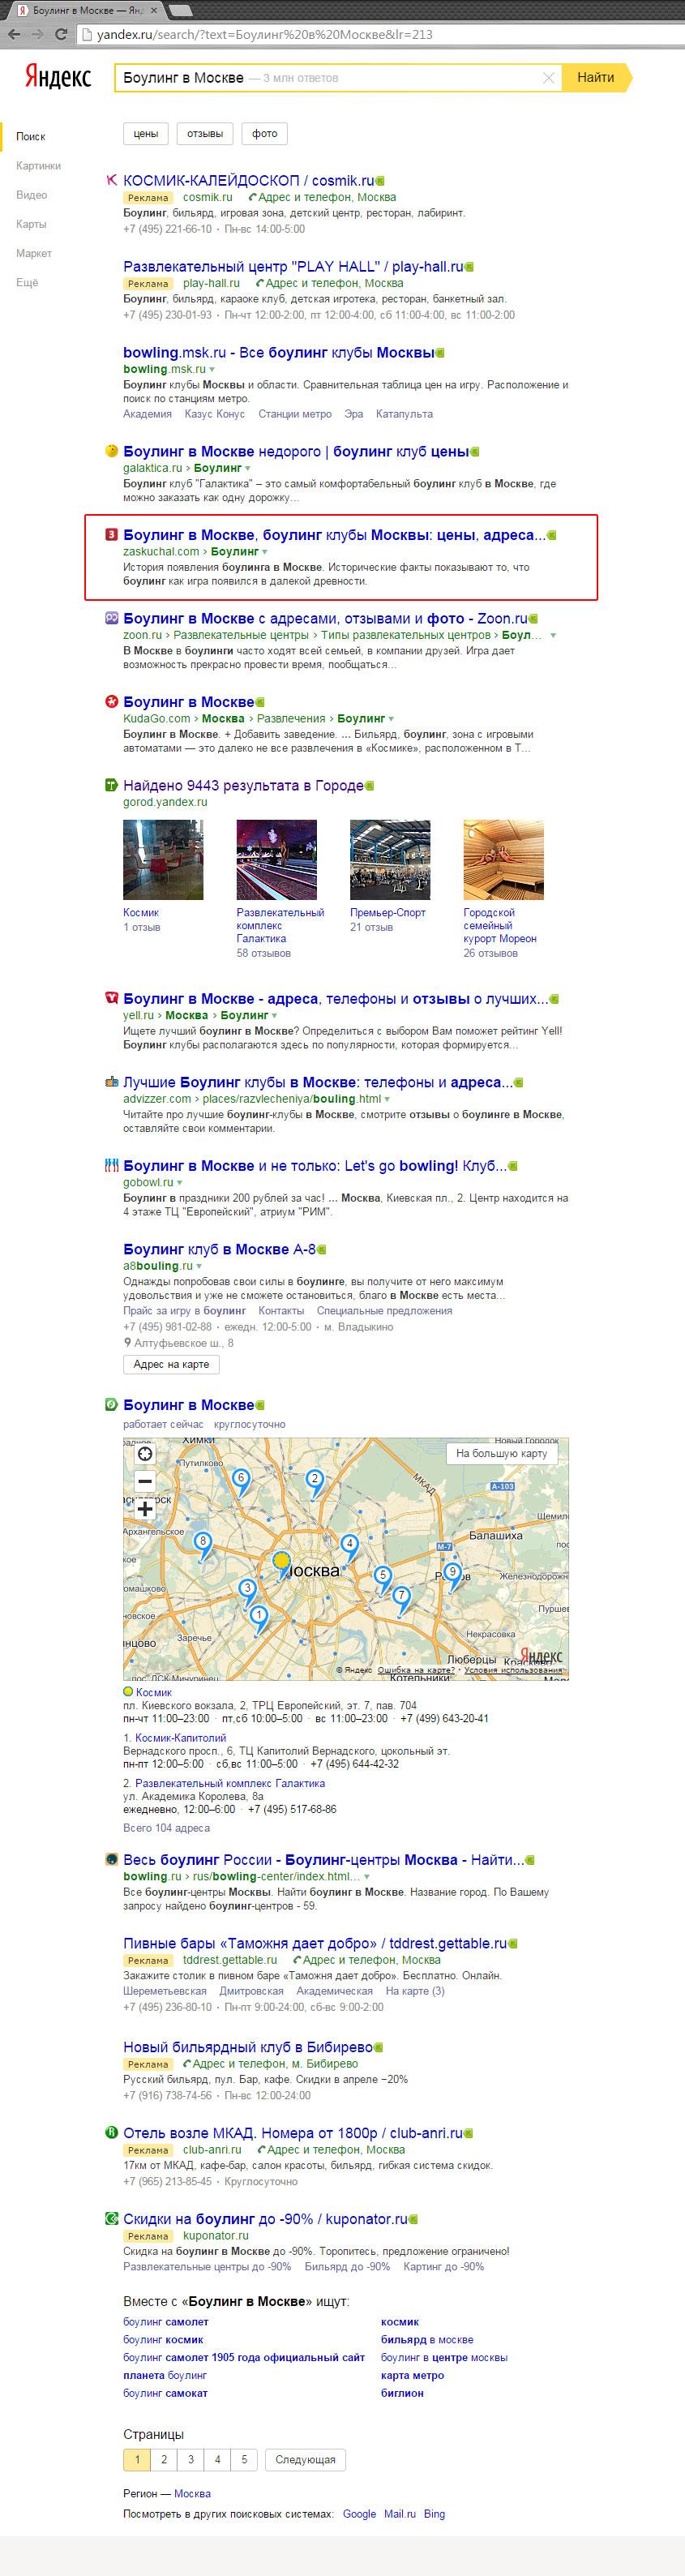 Боулинг в Москве, Москва и область / Яндекс (3-место)